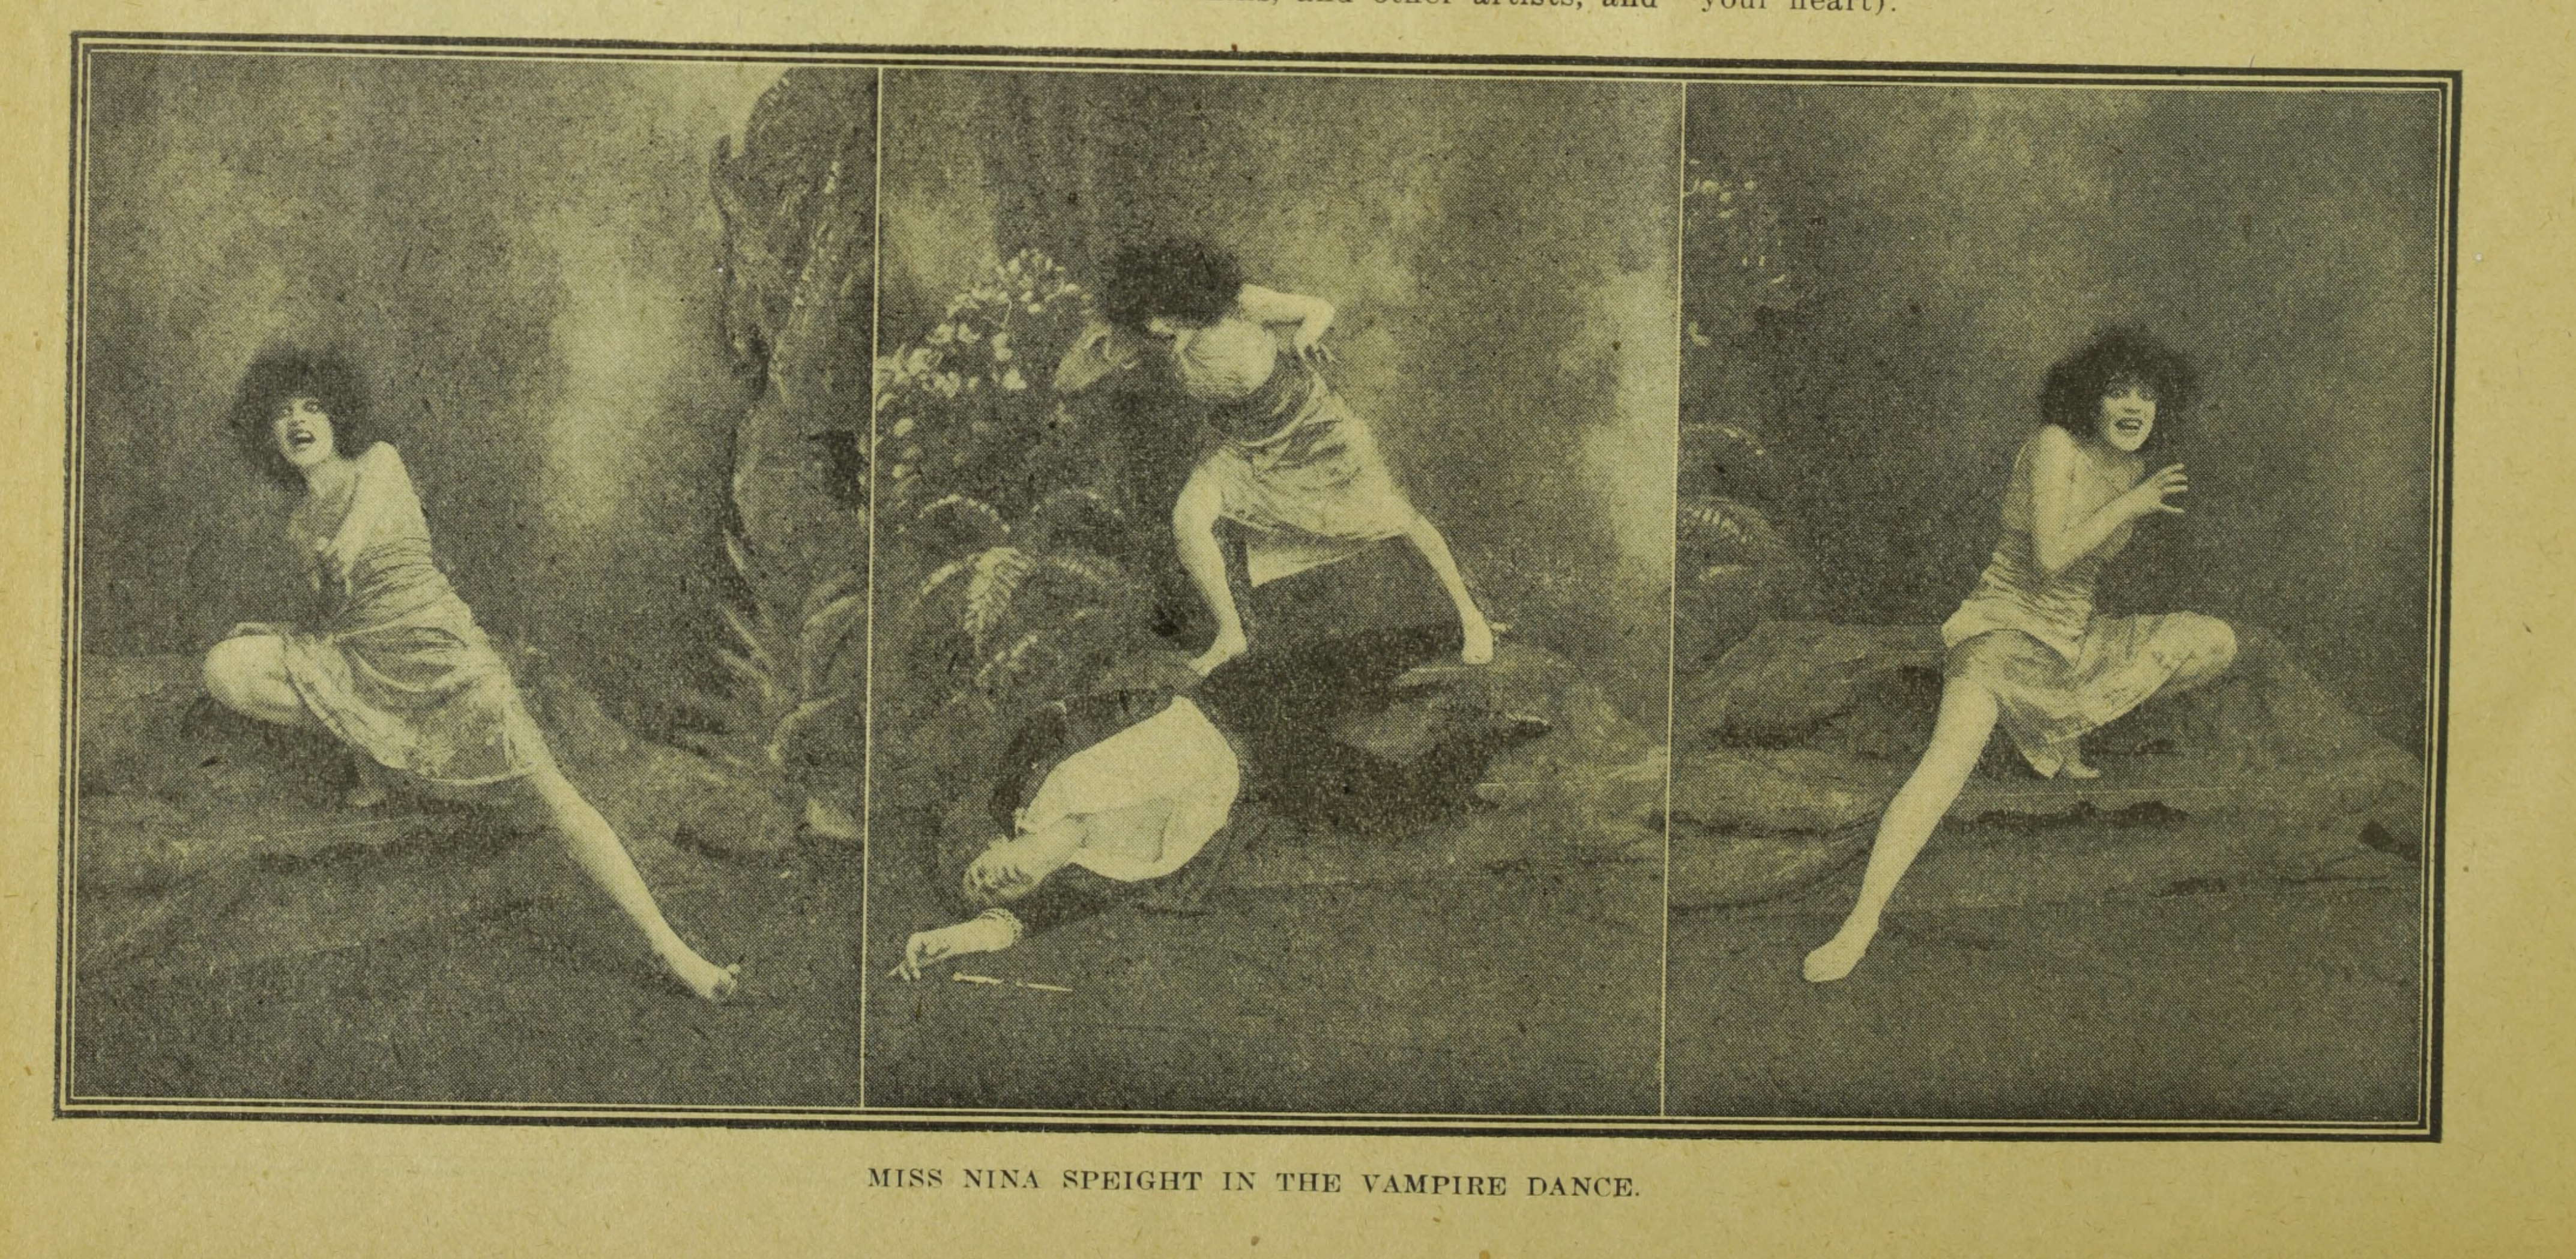 The Vampire Dance